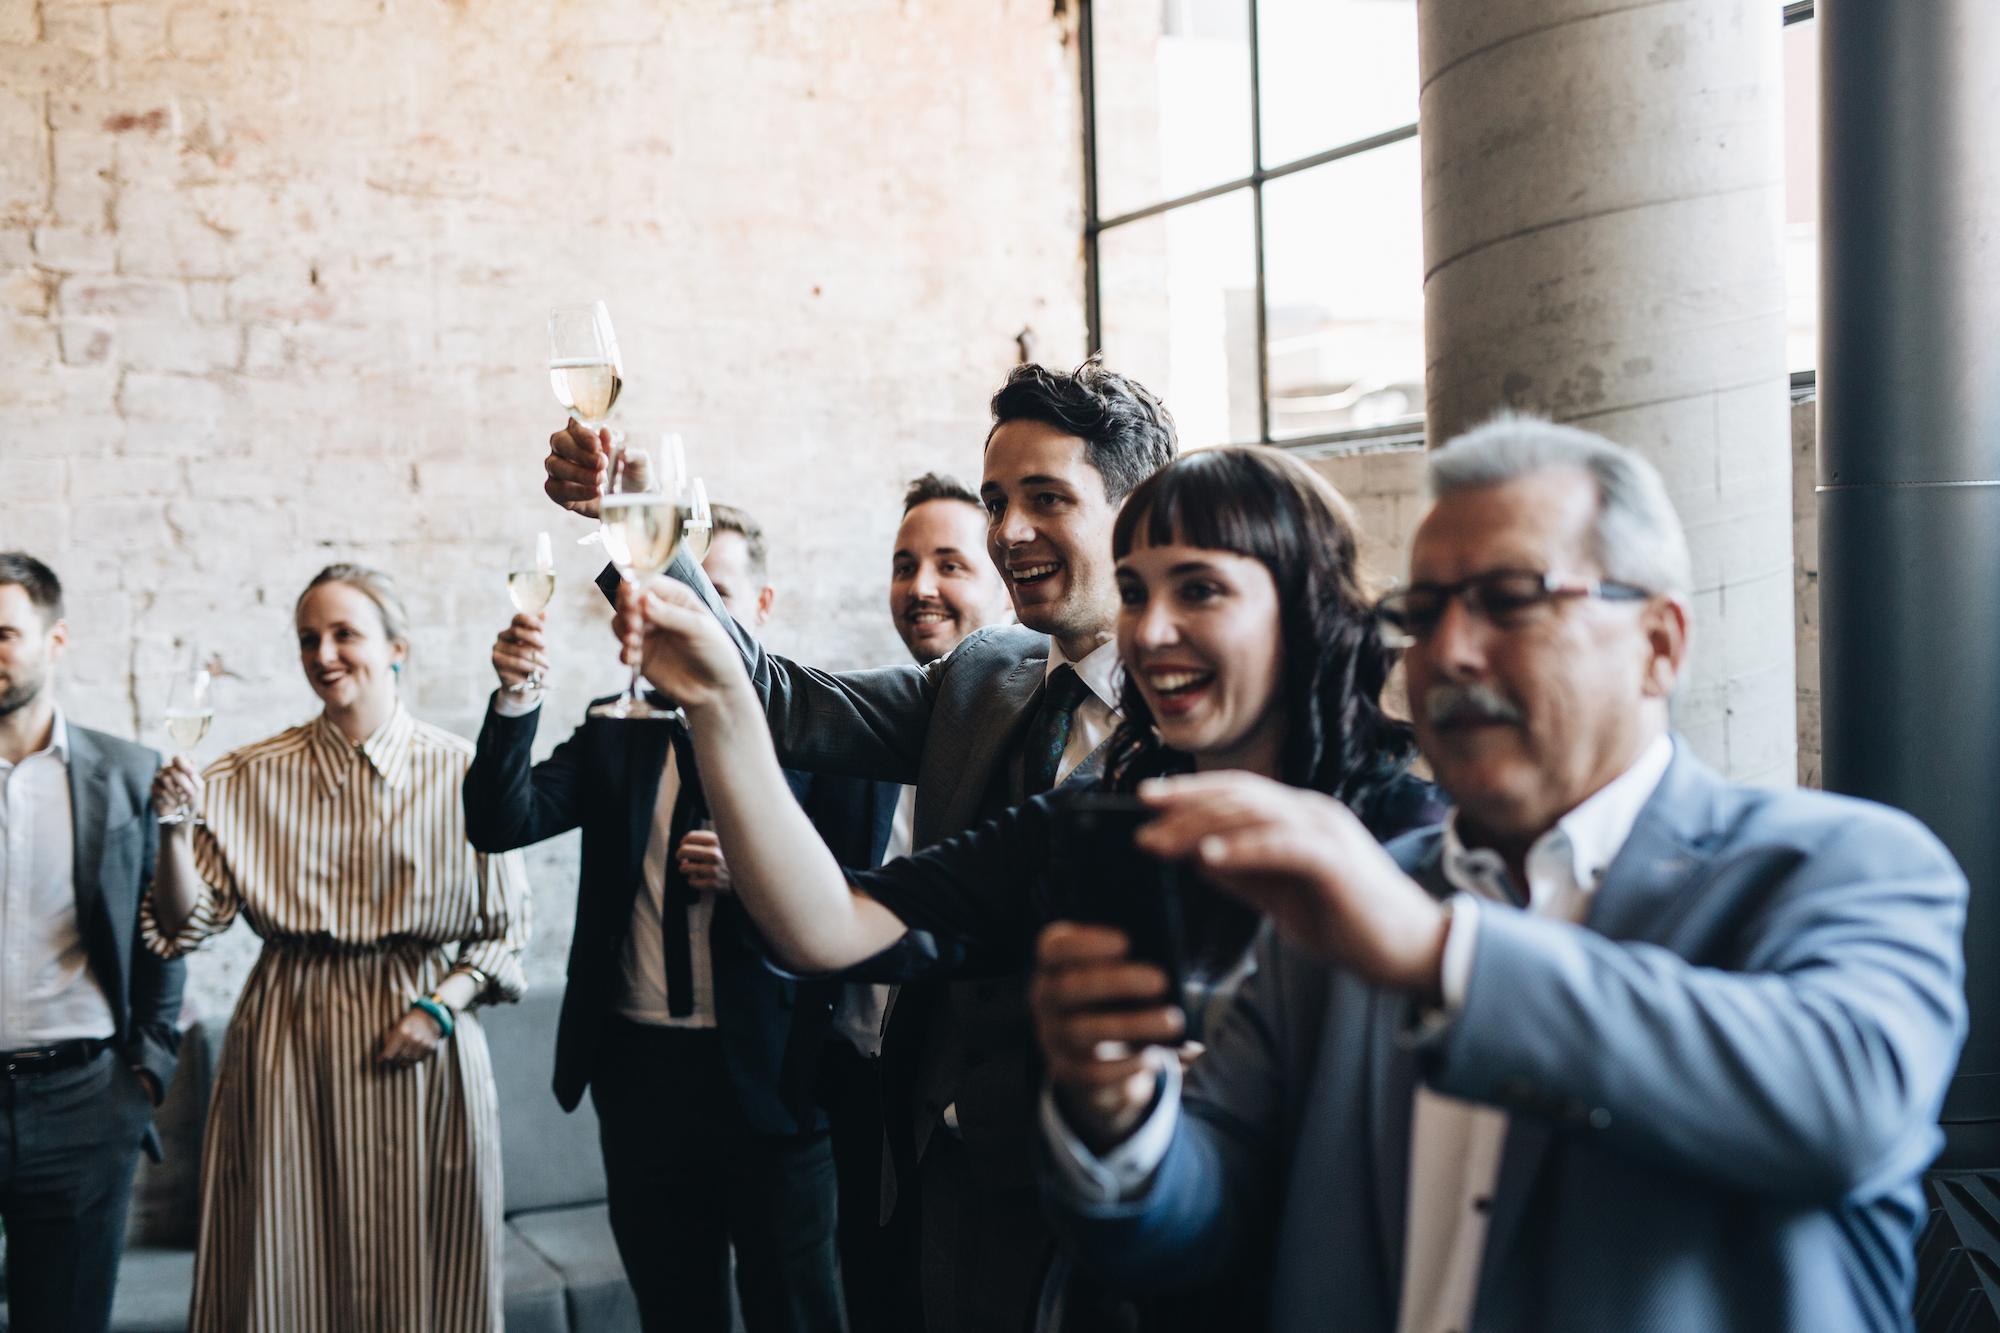 Mitch & Dane_Married 21 Oct 2018_Photo by Savannah van der Niet-165.jpg